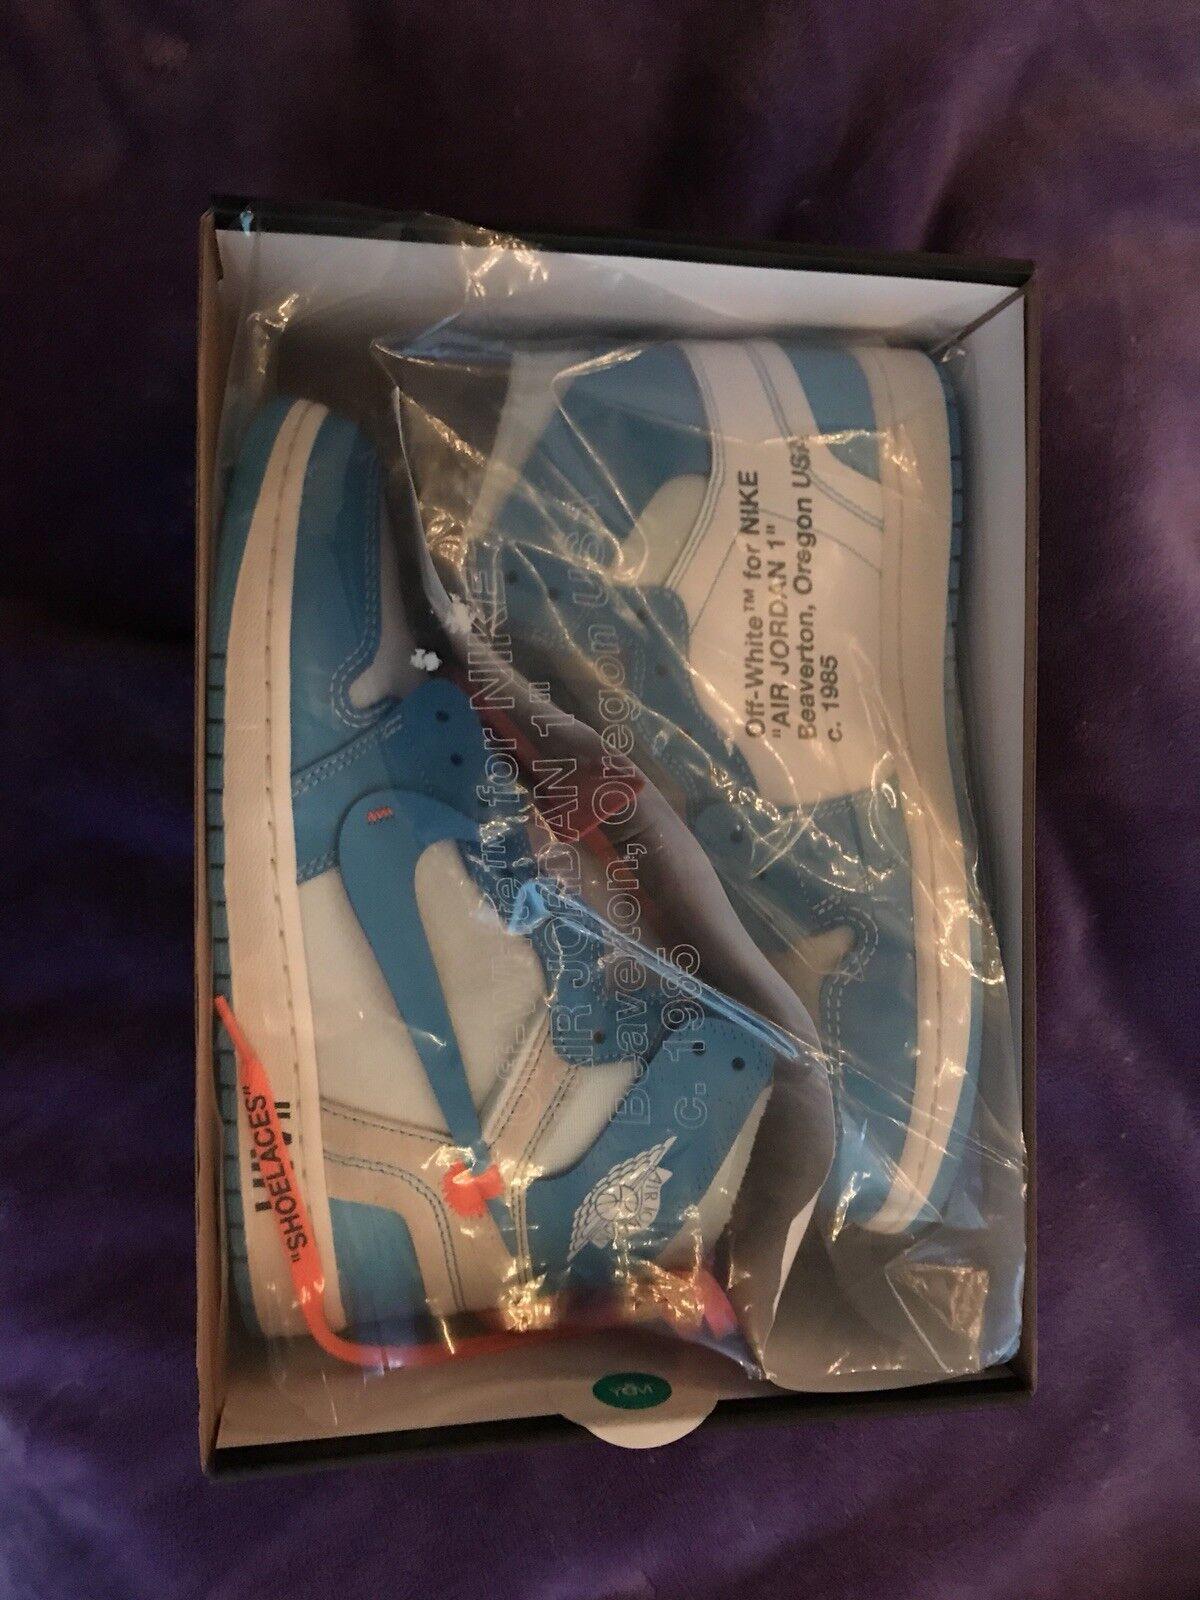 Air Jordan 1 Retro High OG NRG Off-White UNC The Ten size 10 Nike